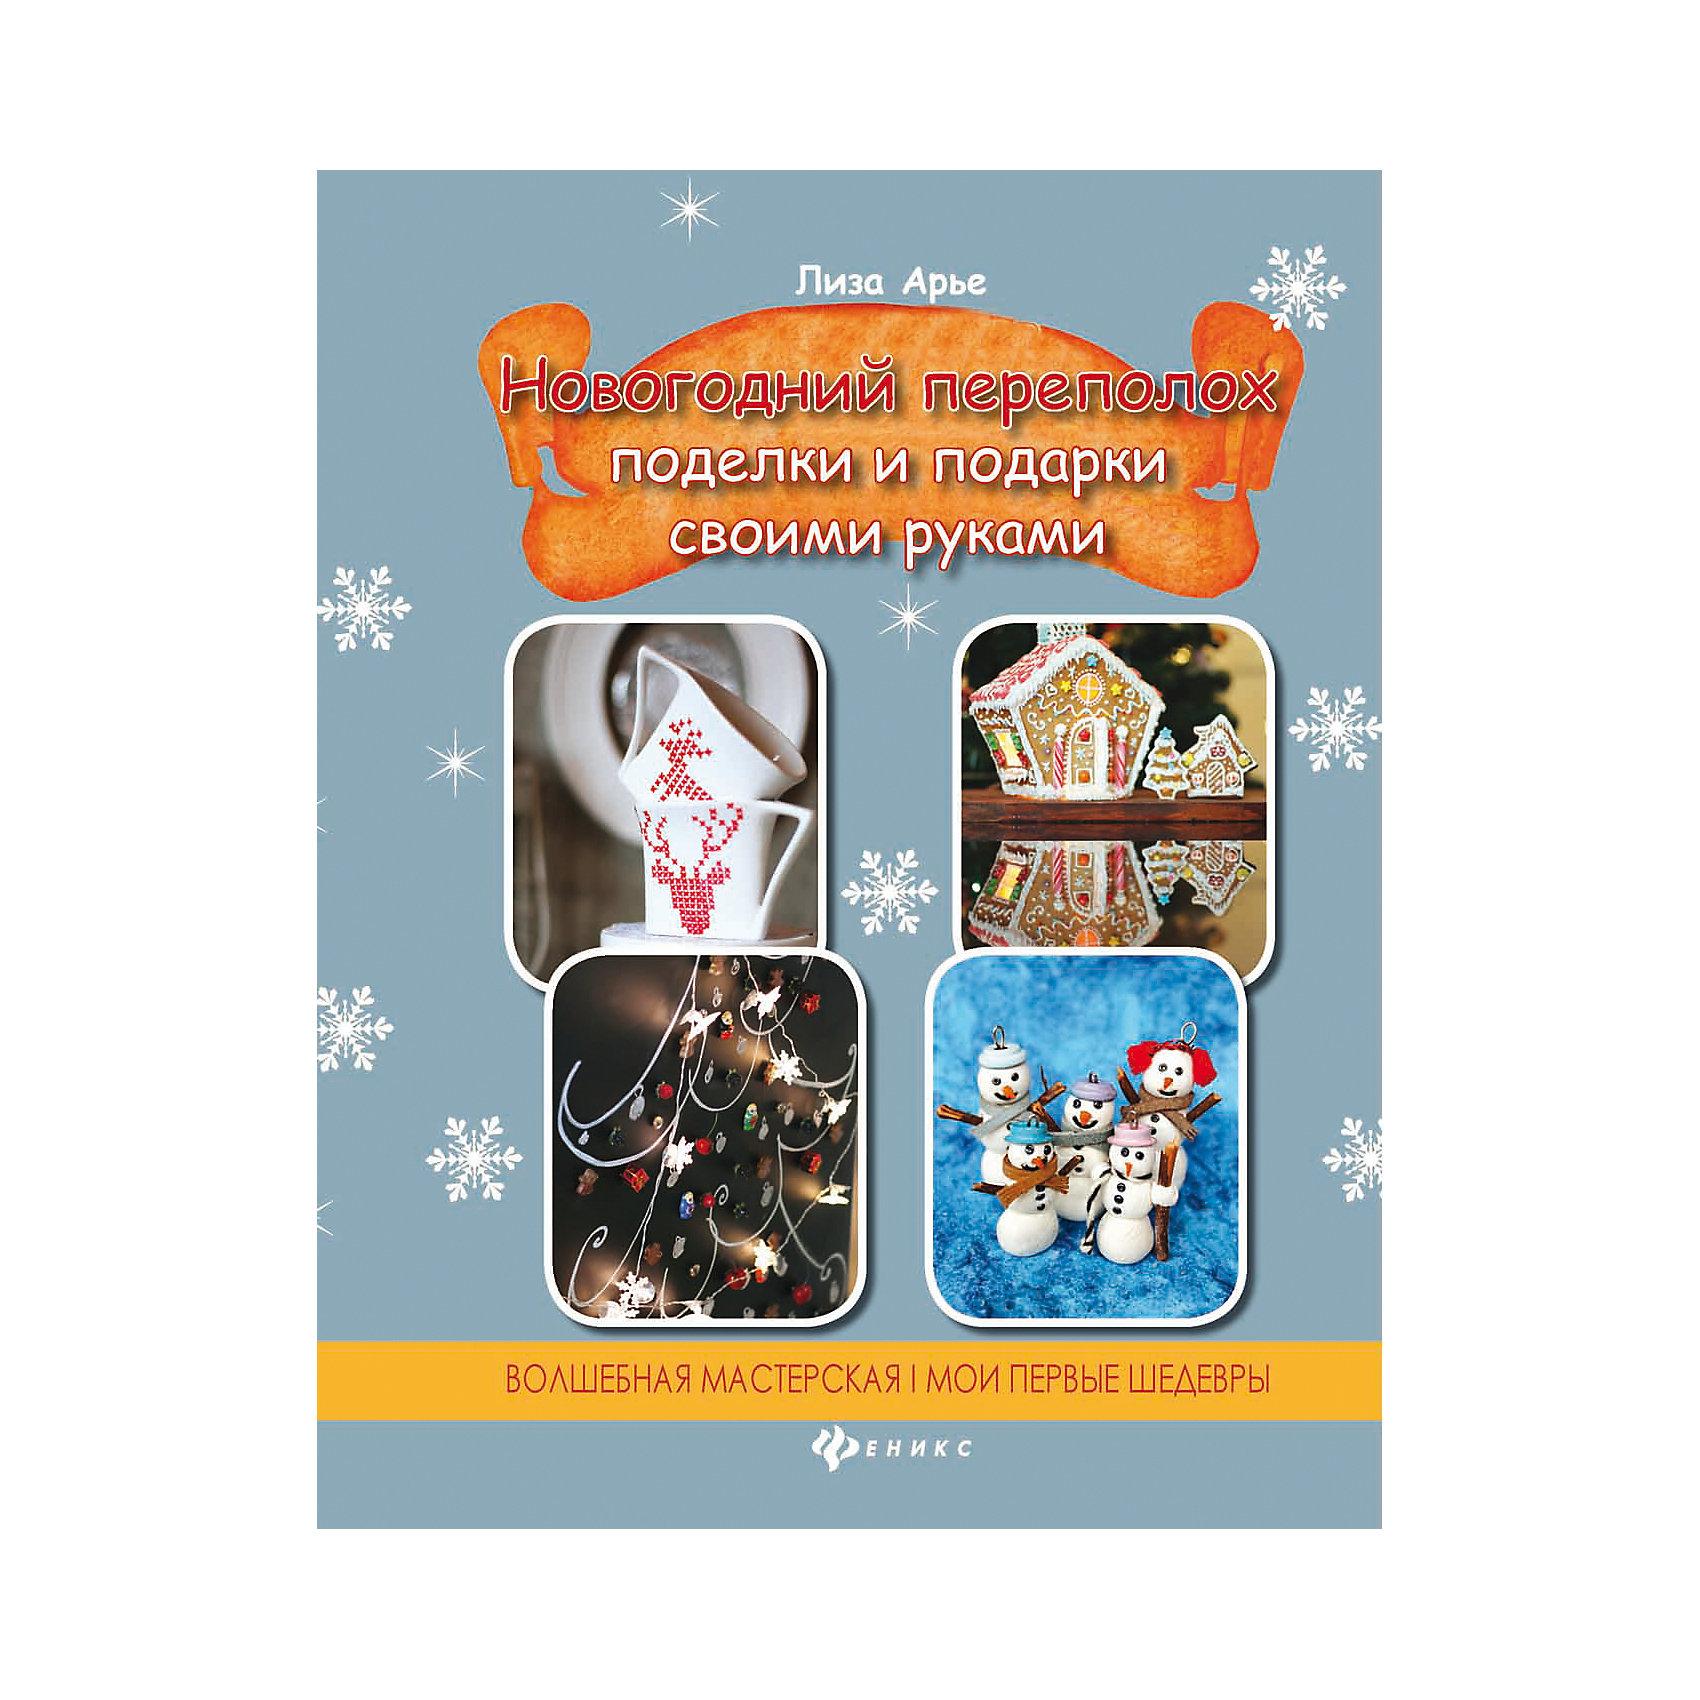 Новогодний переполох: книжка с наклейкамиНовогодние книги<br>Новый год не за горами, и скучно не будет! На страницах книги собраны весёлые и полезные занятия: малыш будет решать головоломки, раскрашивать картинки и клеить наклейки.<br><br>Ширина мм: 239<br>Глубина мм: 165<br>Высота мм: 1<br>Вес г: 39<br>Возраст от месяцев: 12<br>Возраст до месяцев: 72<br>Пол: Унисекс<br>Возраст: Детский<br>SKU: 5120171